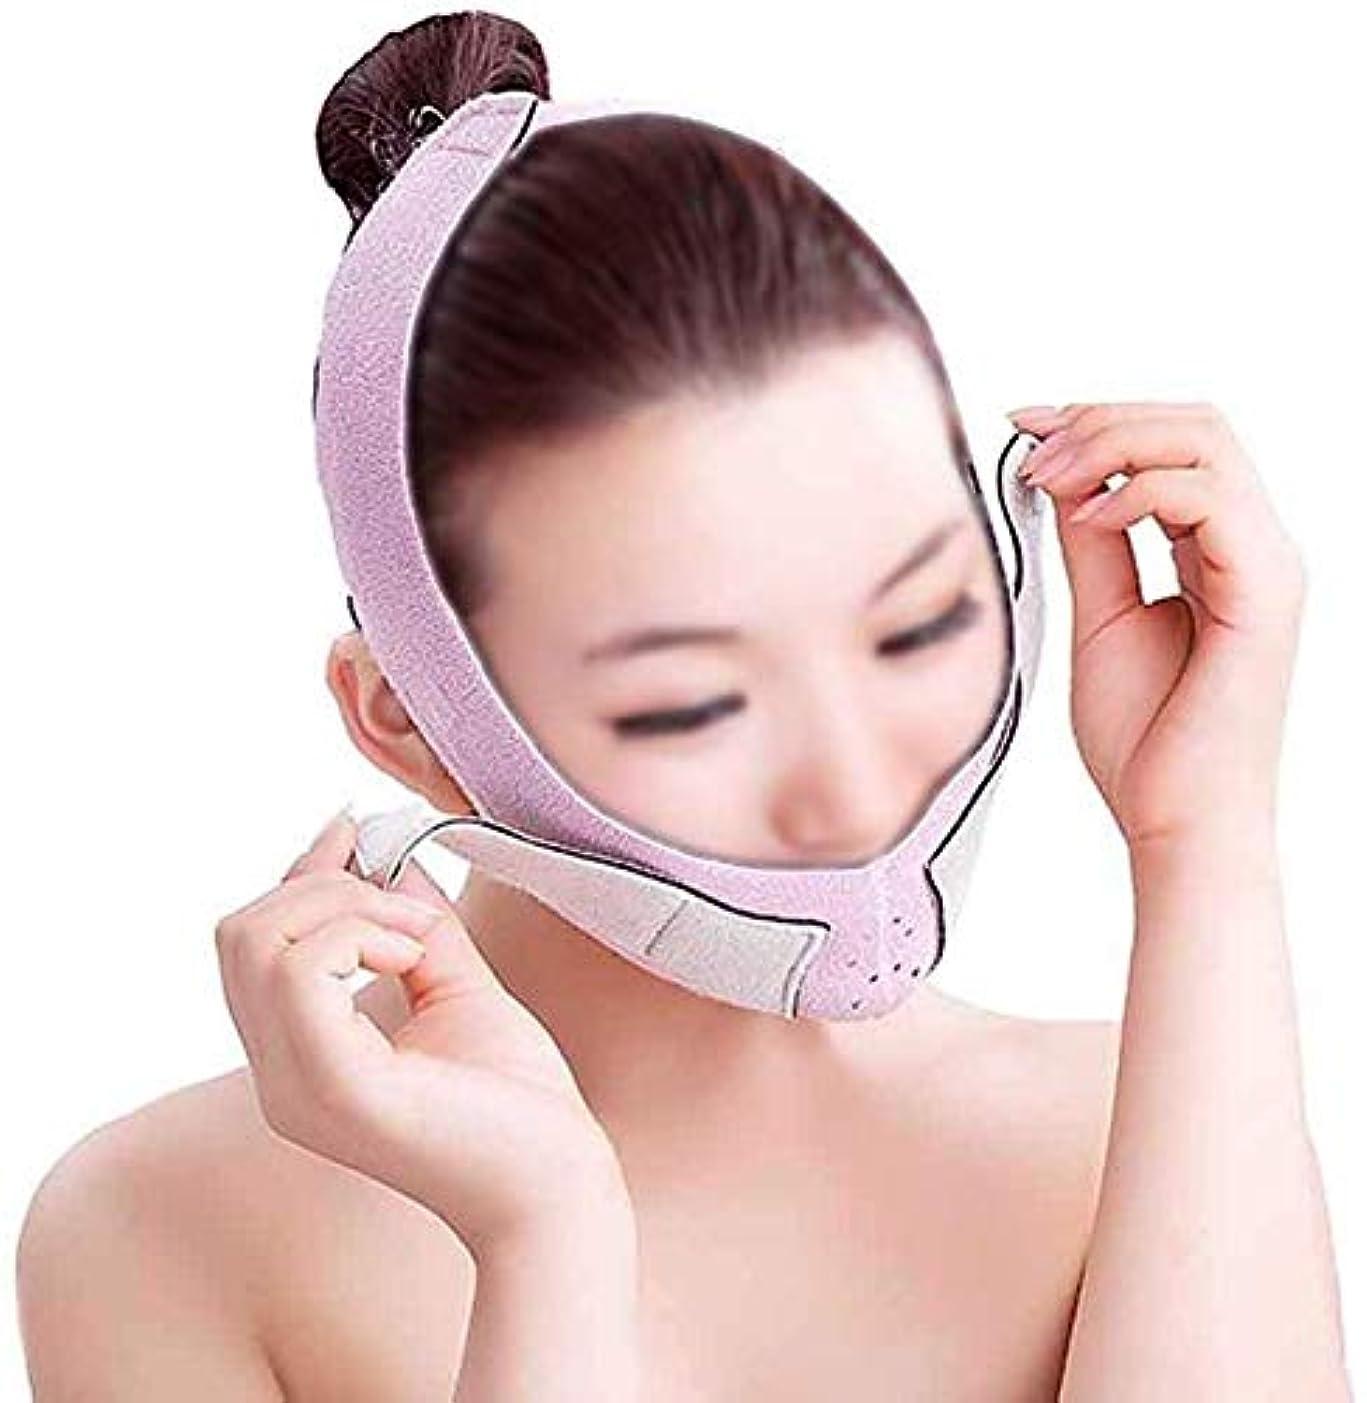 非難するコンプライアンス整然とした美容と実用的なSlim身ベルト、フェイシャルマスク3DフェイスリフトファーミングフェイスコレクションベルトパワフルフェイスアーティファクトスモールフェイスバンデージリフティングVフェイスマスク(色:B)